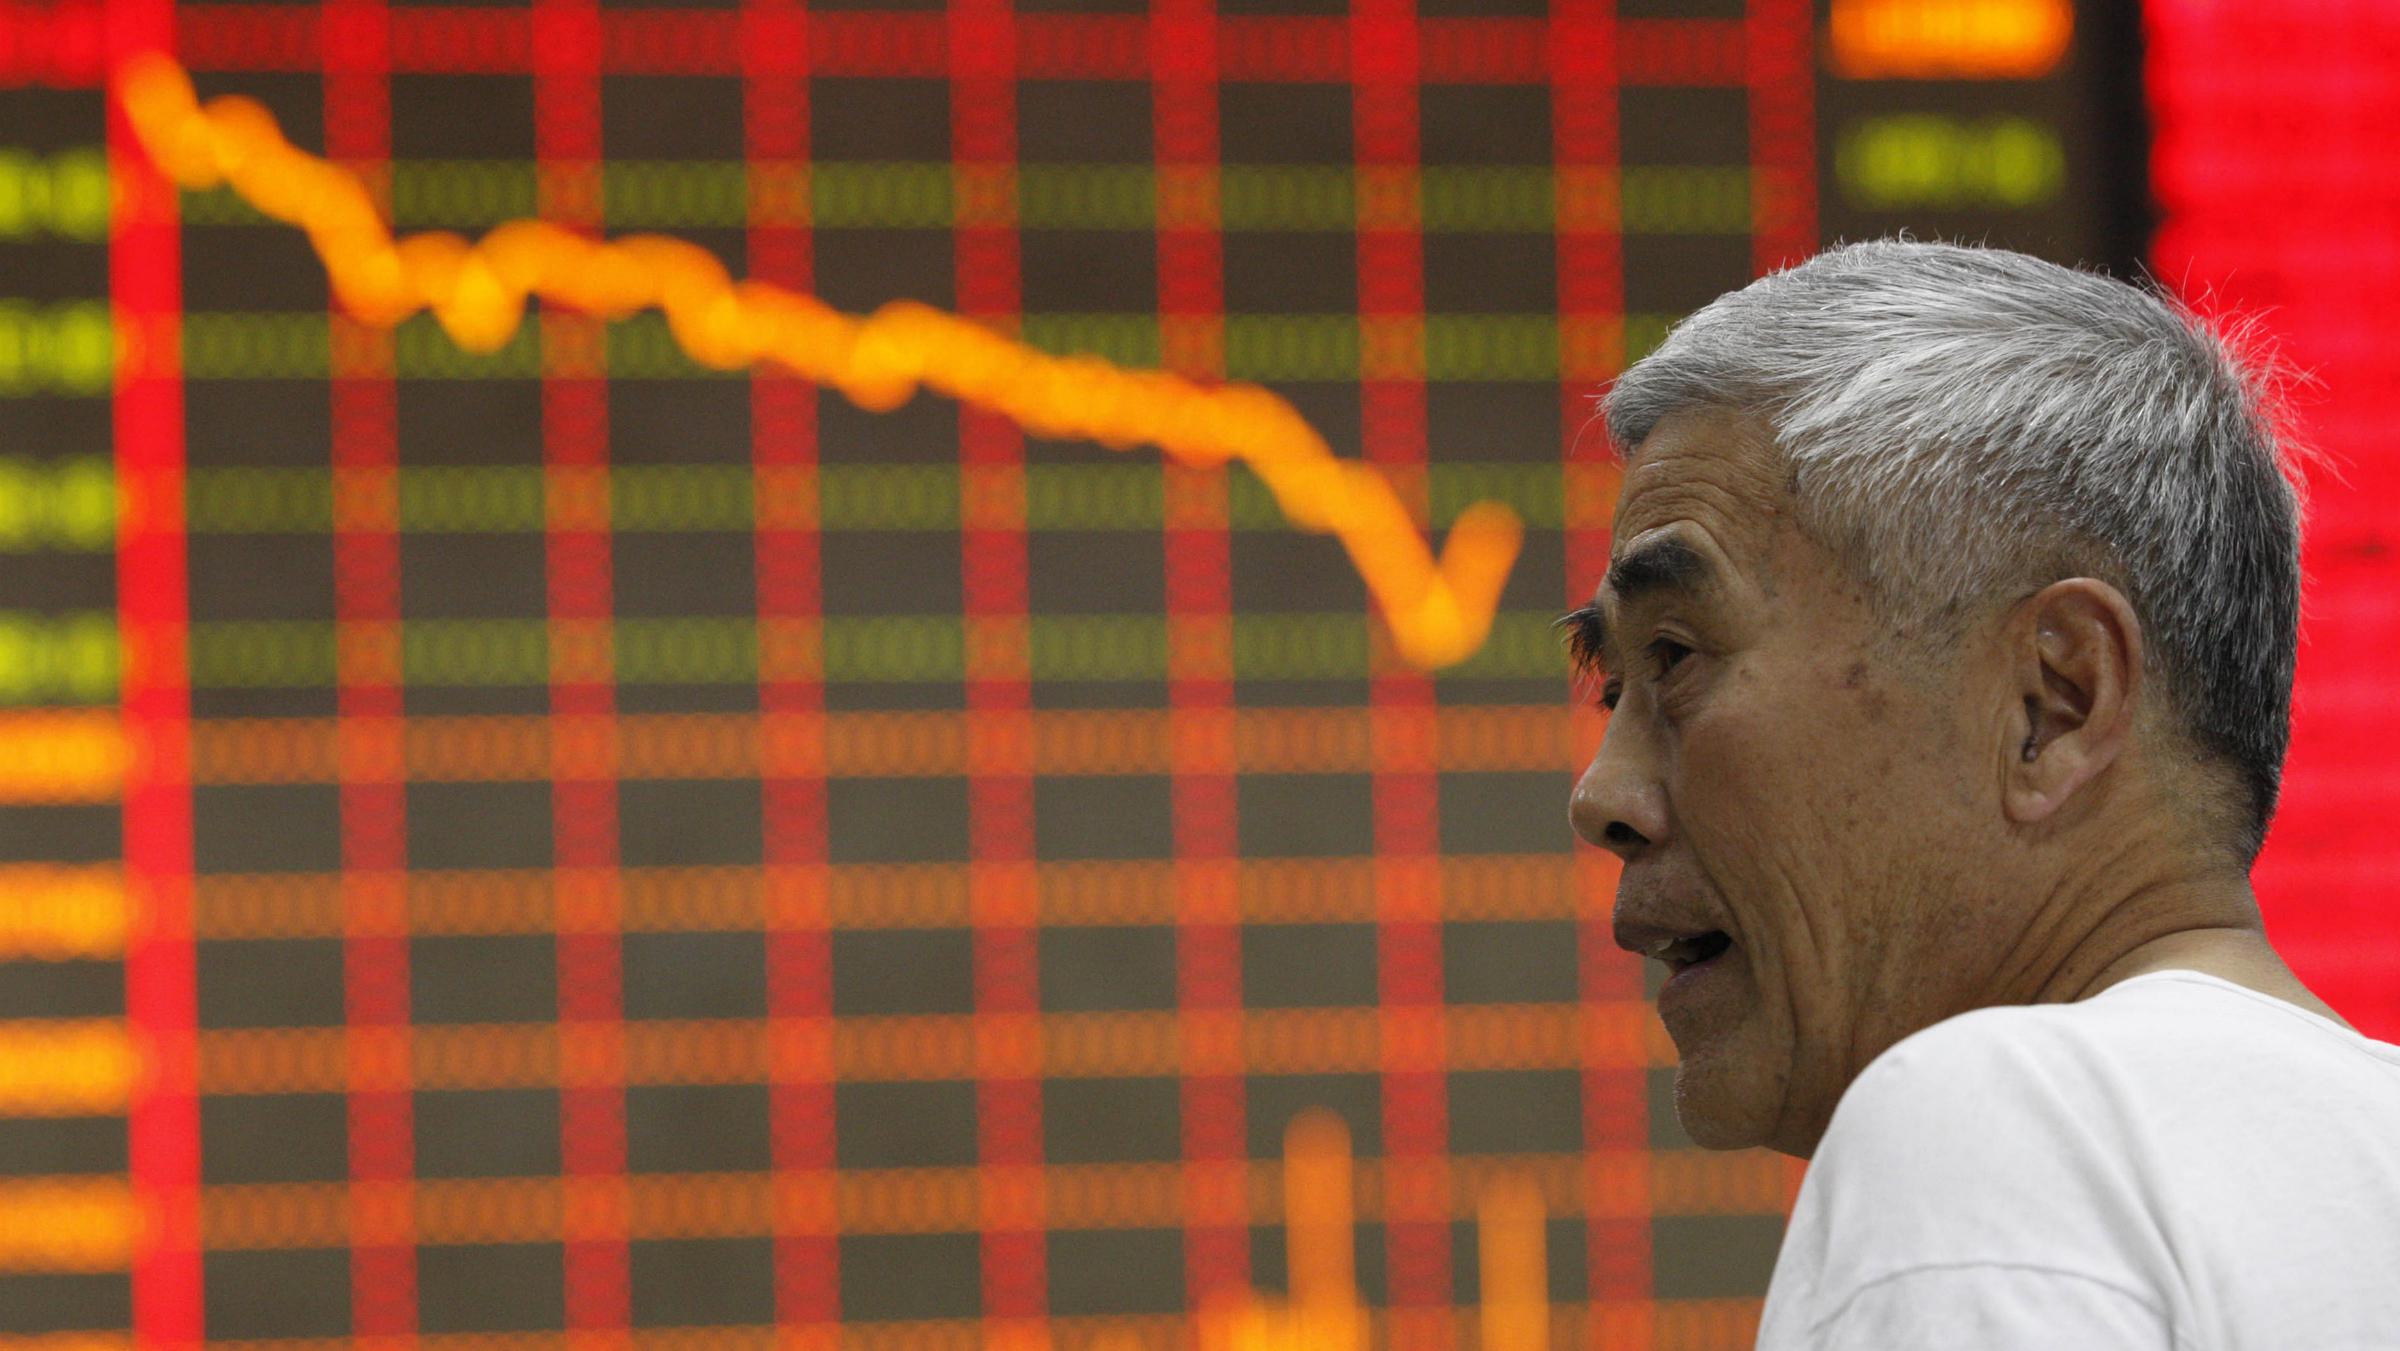 ChineseMarketrs